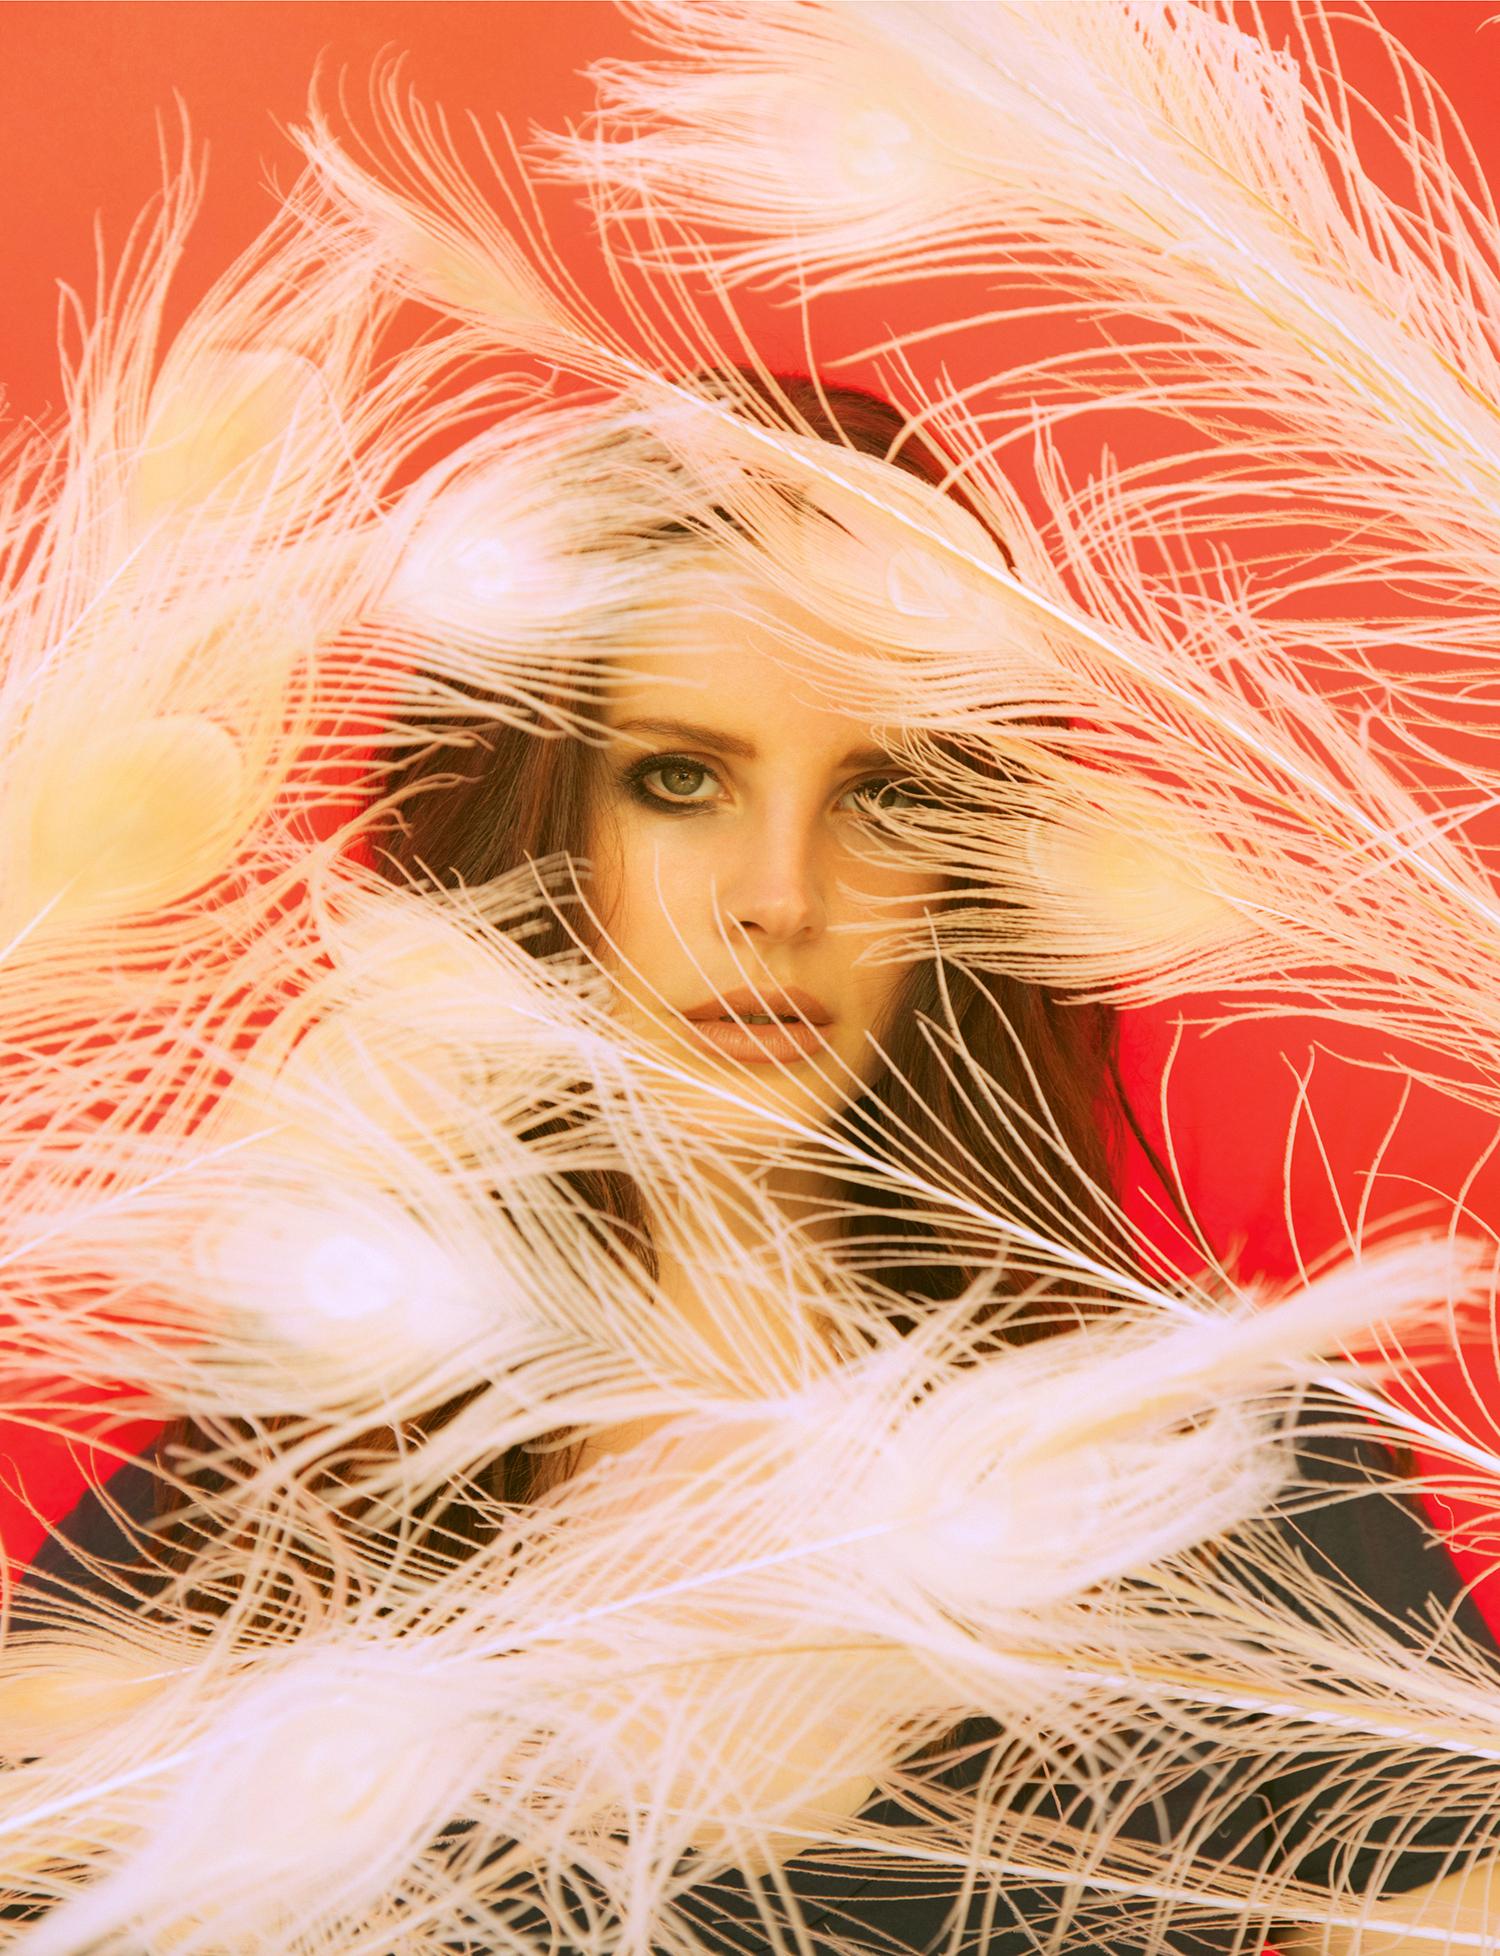 19 - Lana Del Rey - Neil Krug.jpg